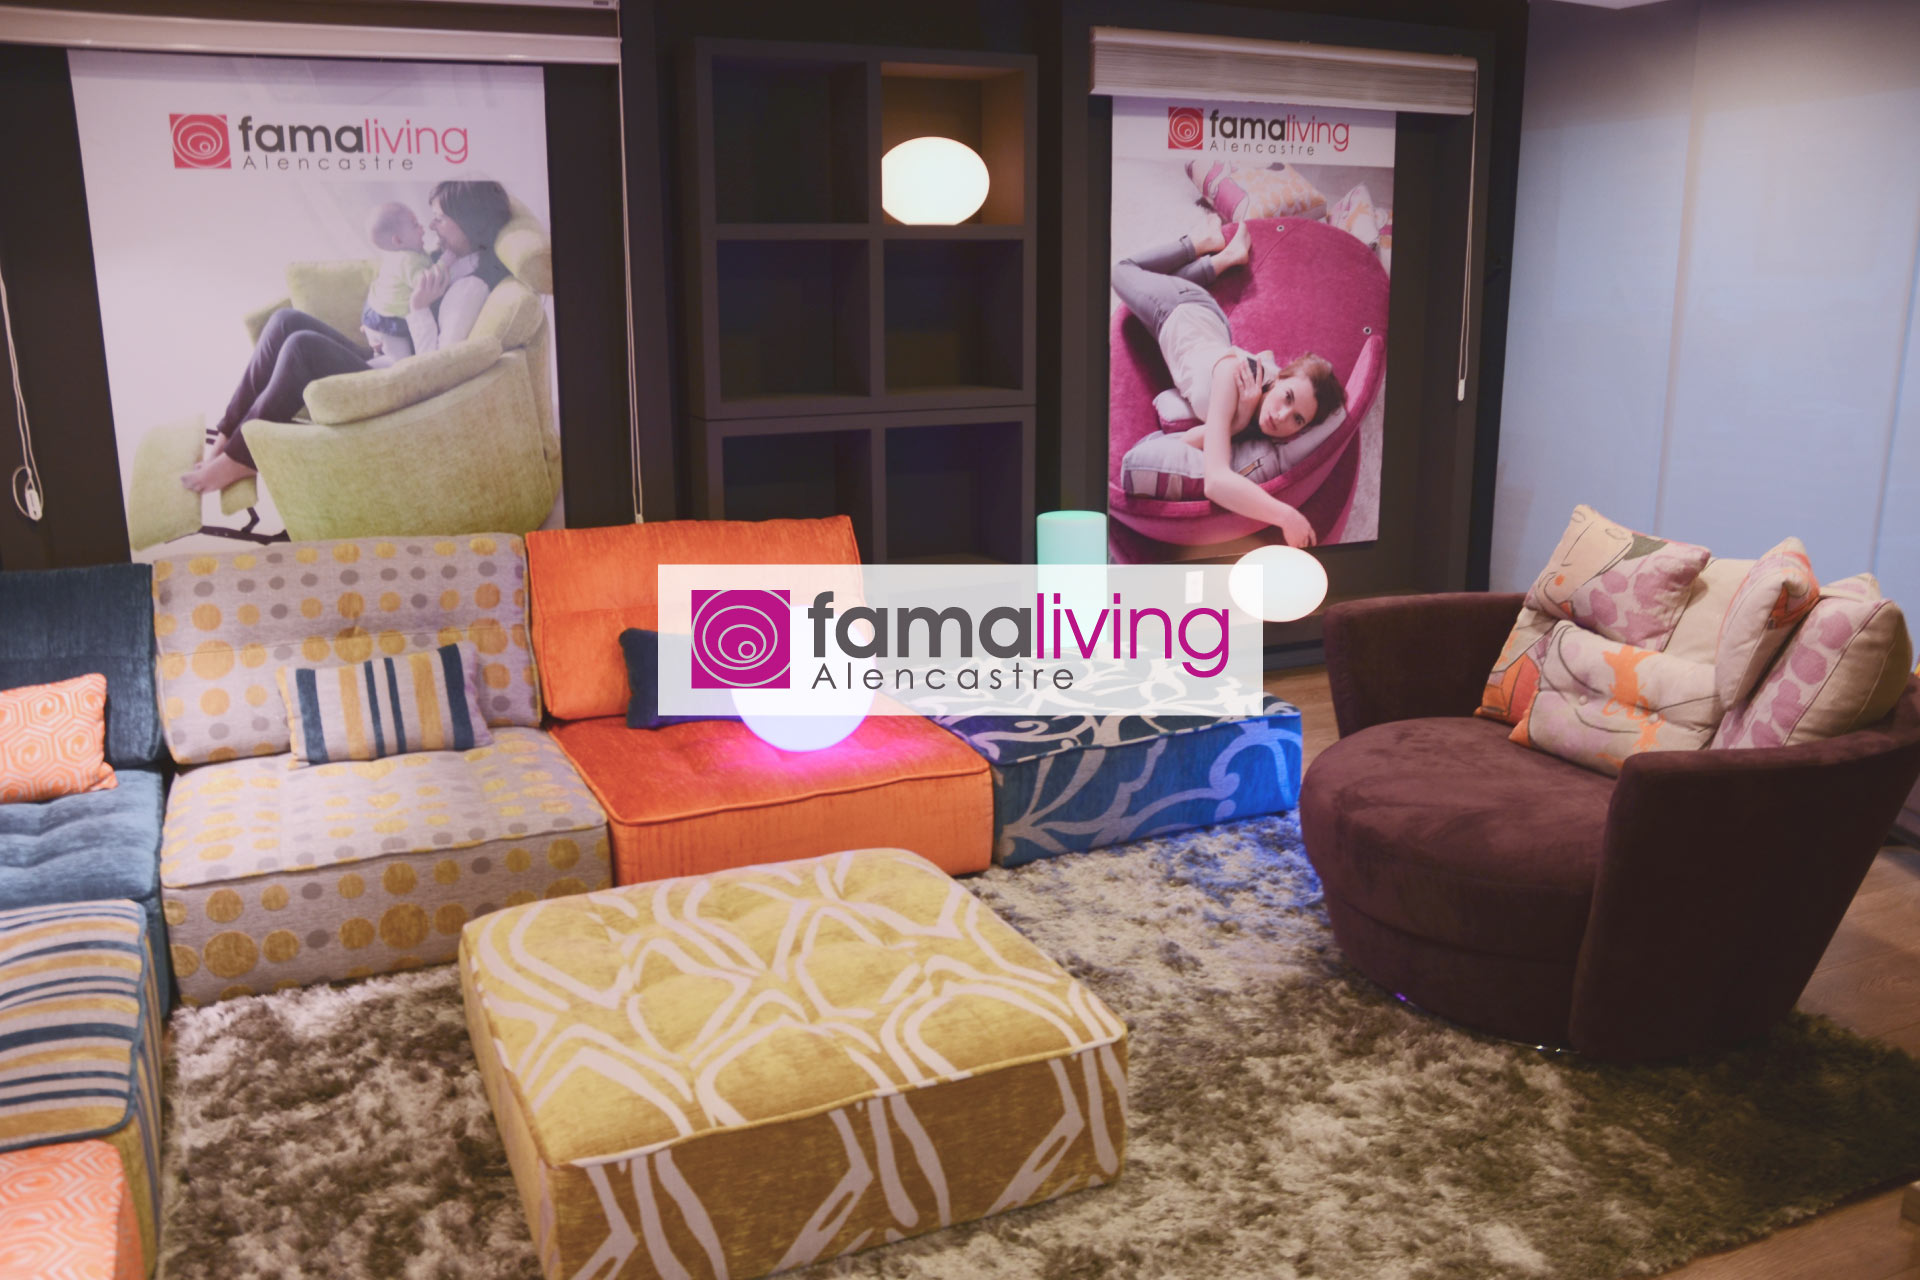 Famaliving Alencastre - Tienda de sofás